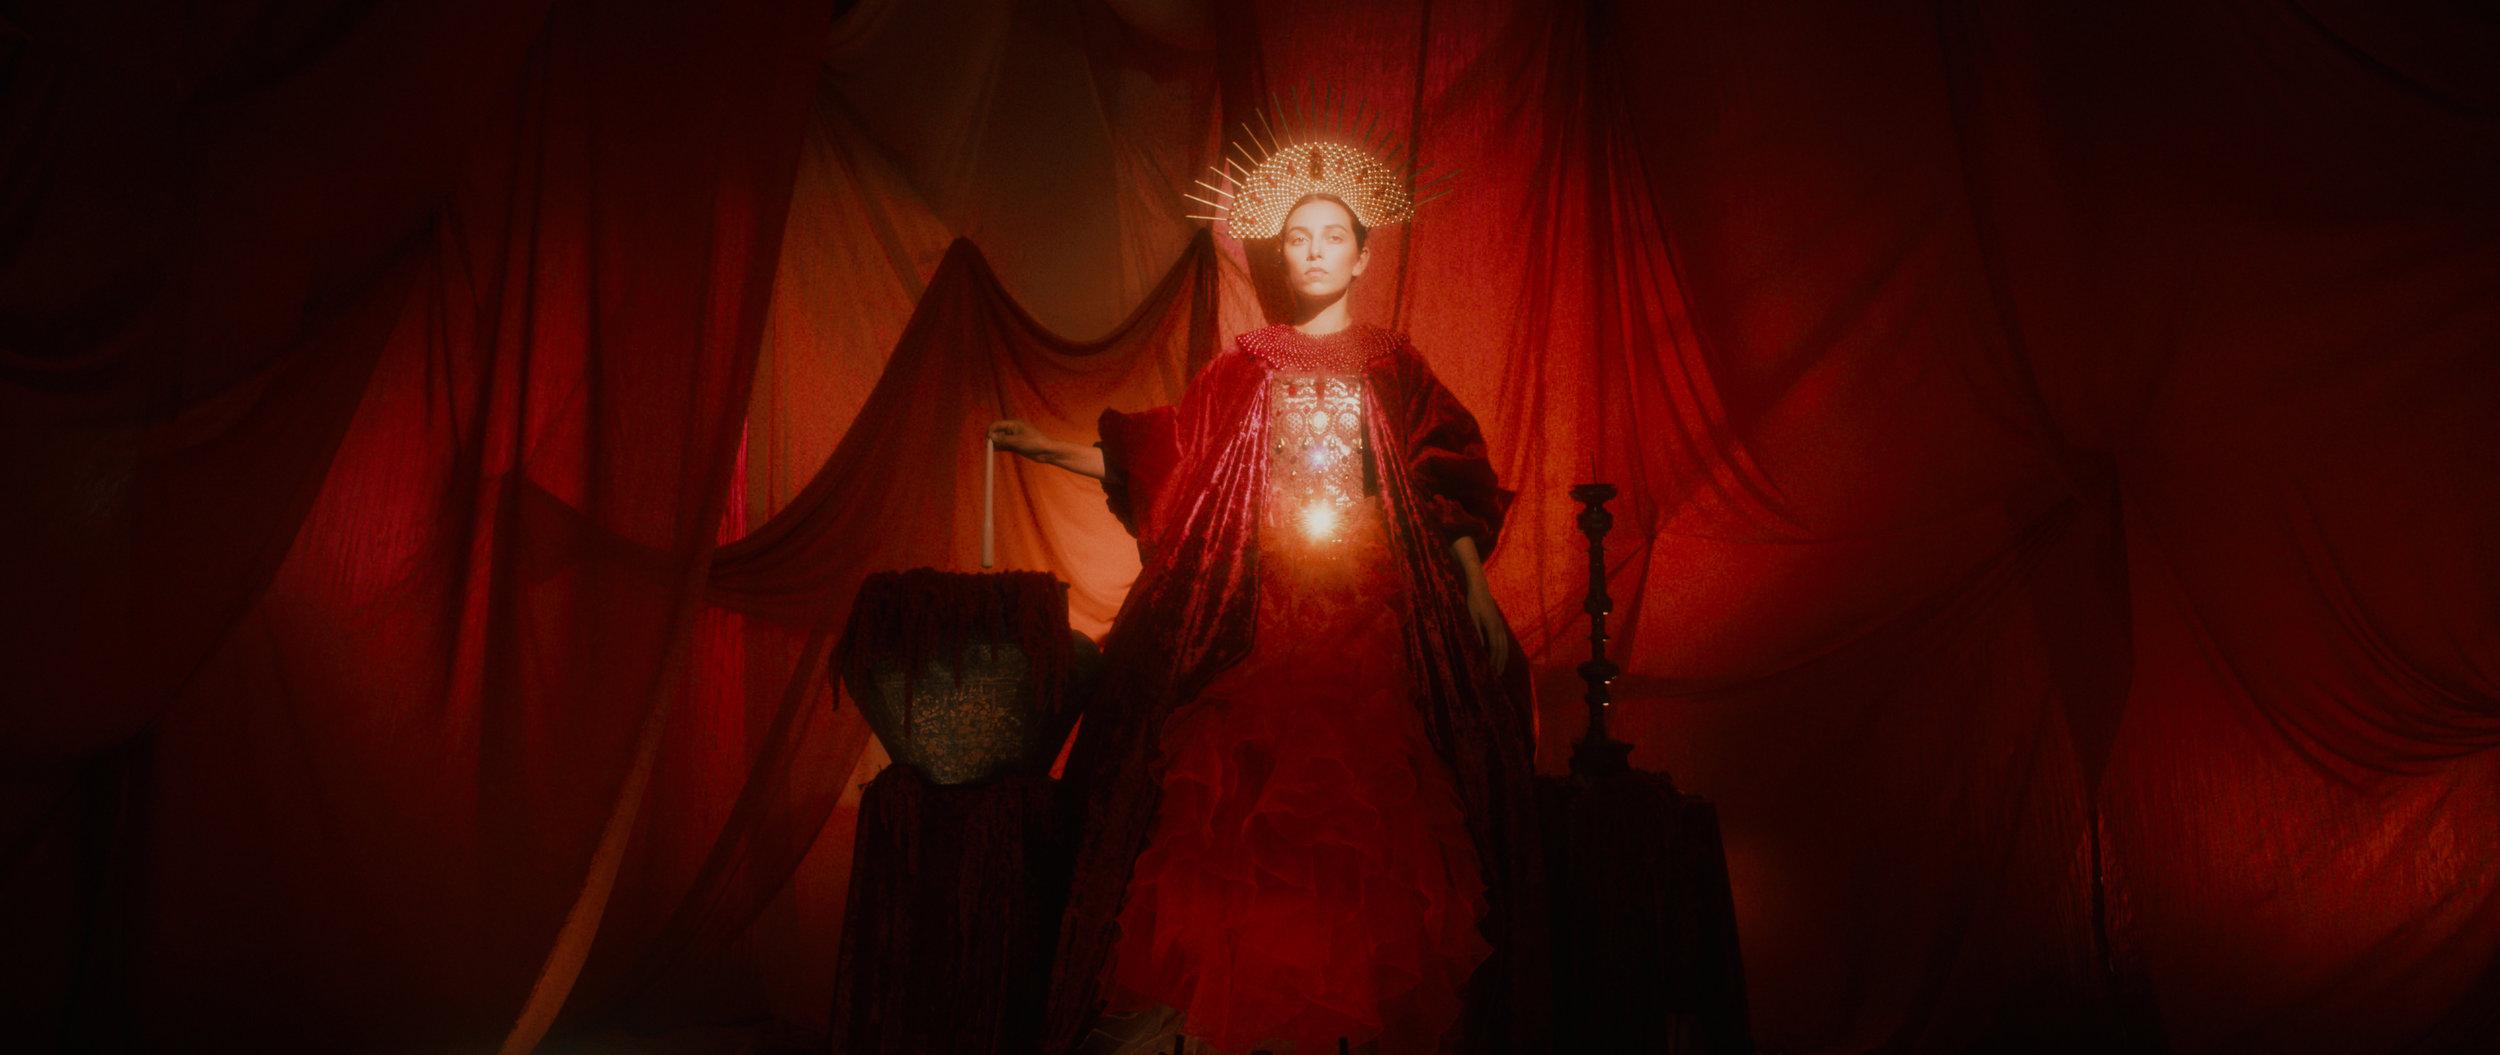 Rachel Day as the Virgin Mary